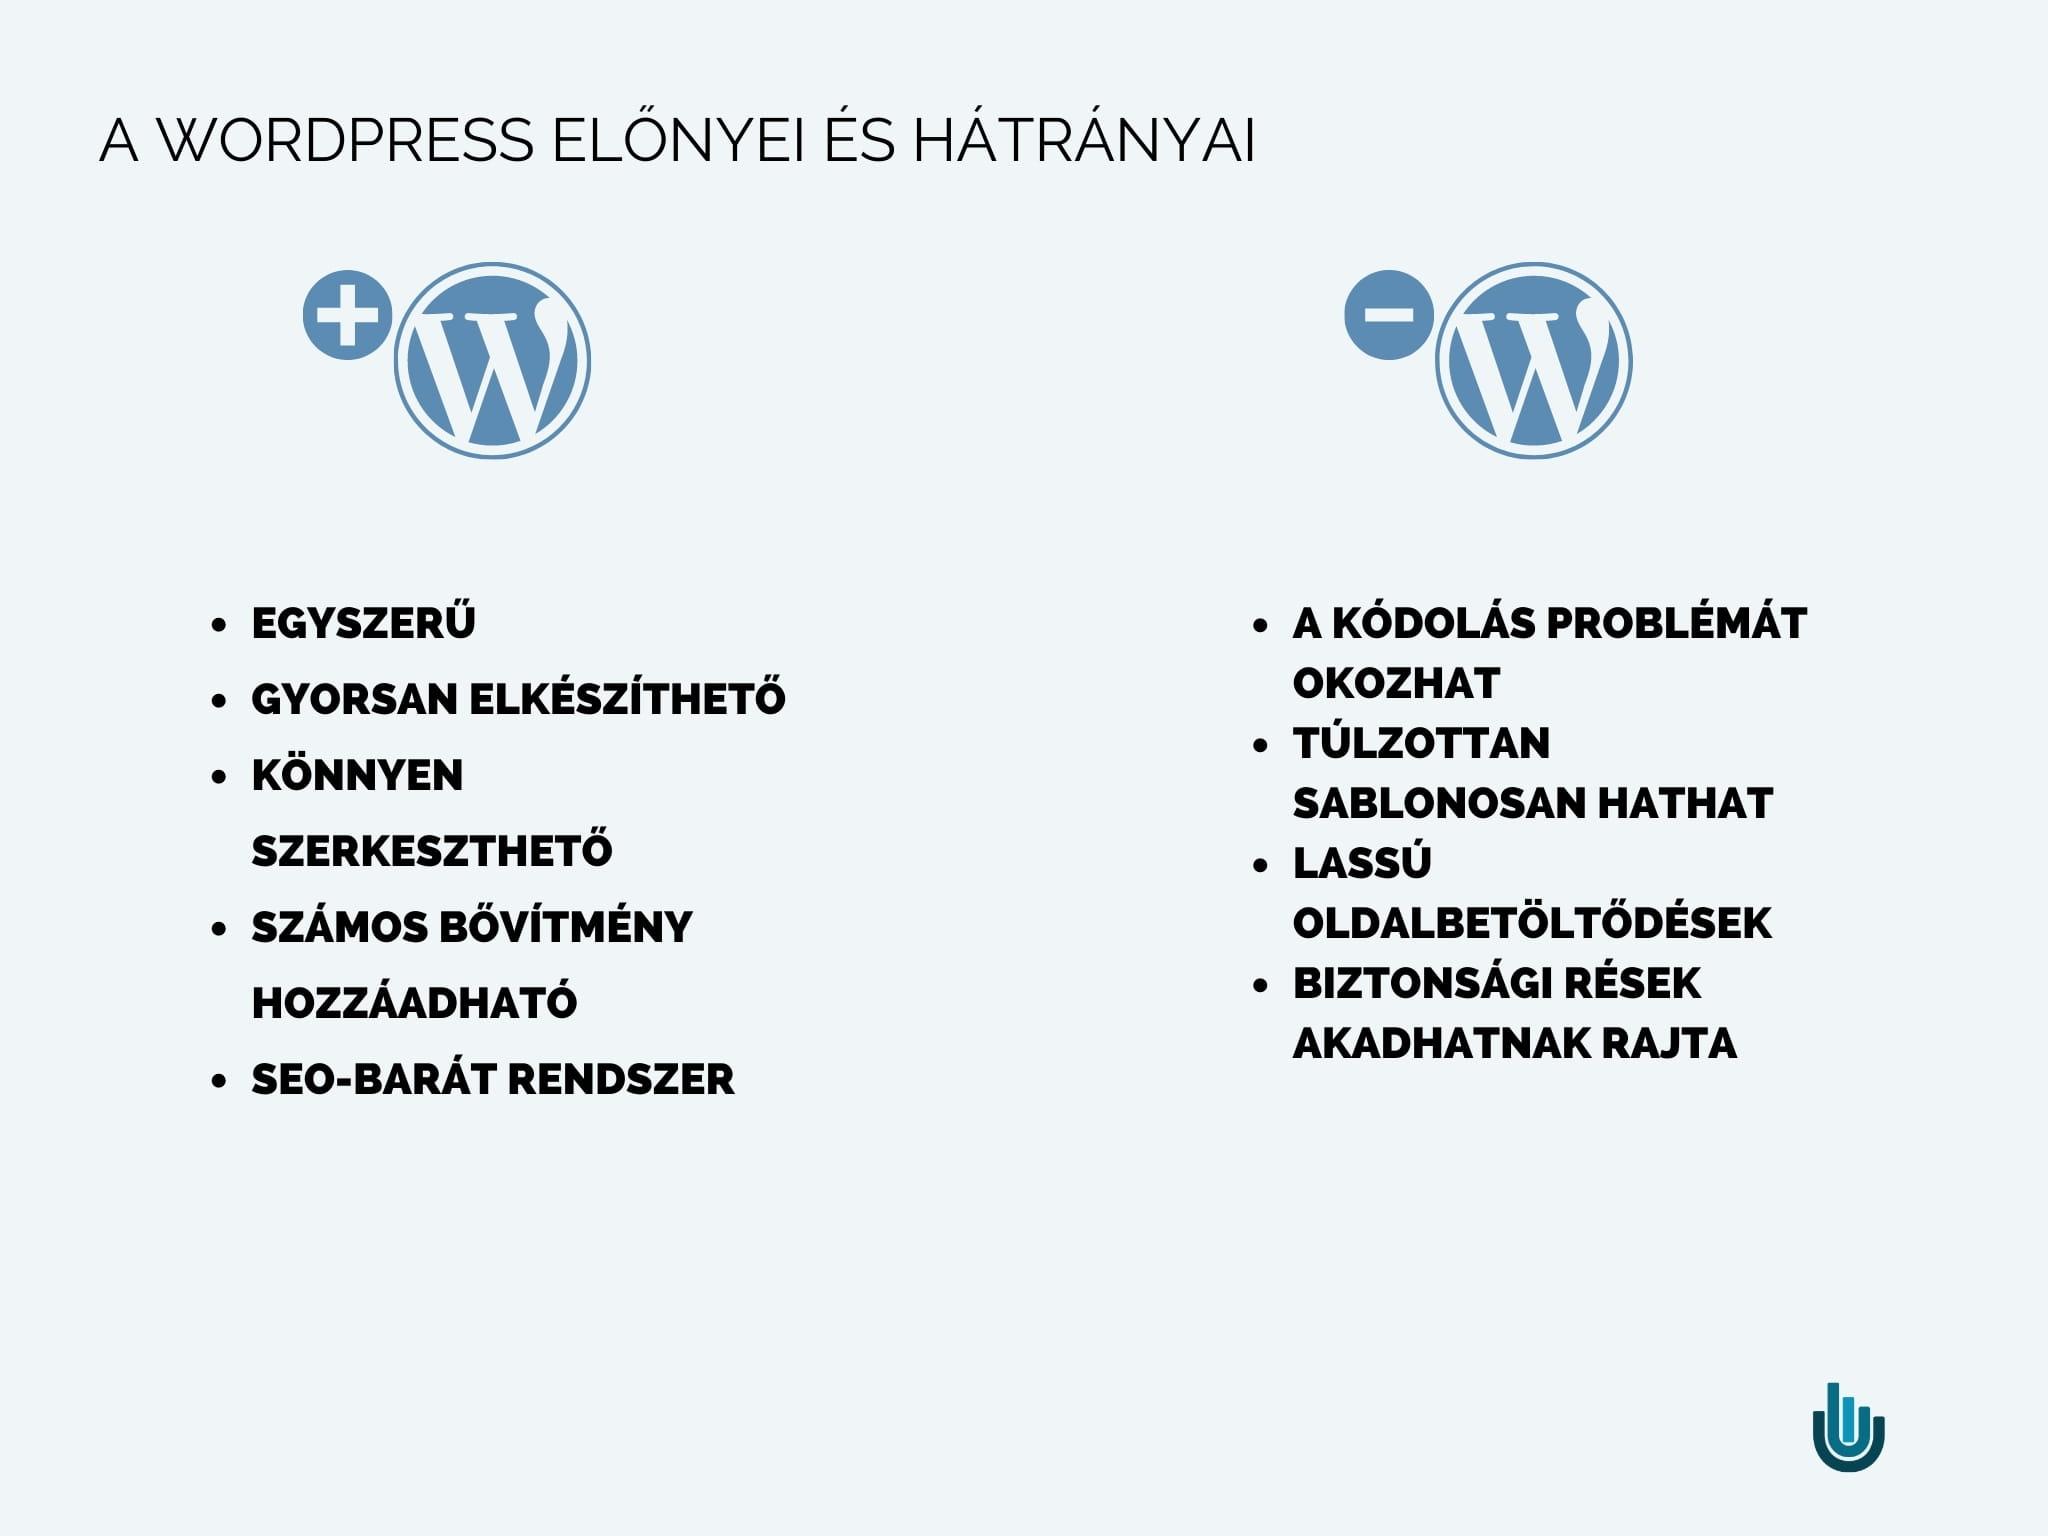 A WordPress előnyei és hátrányai